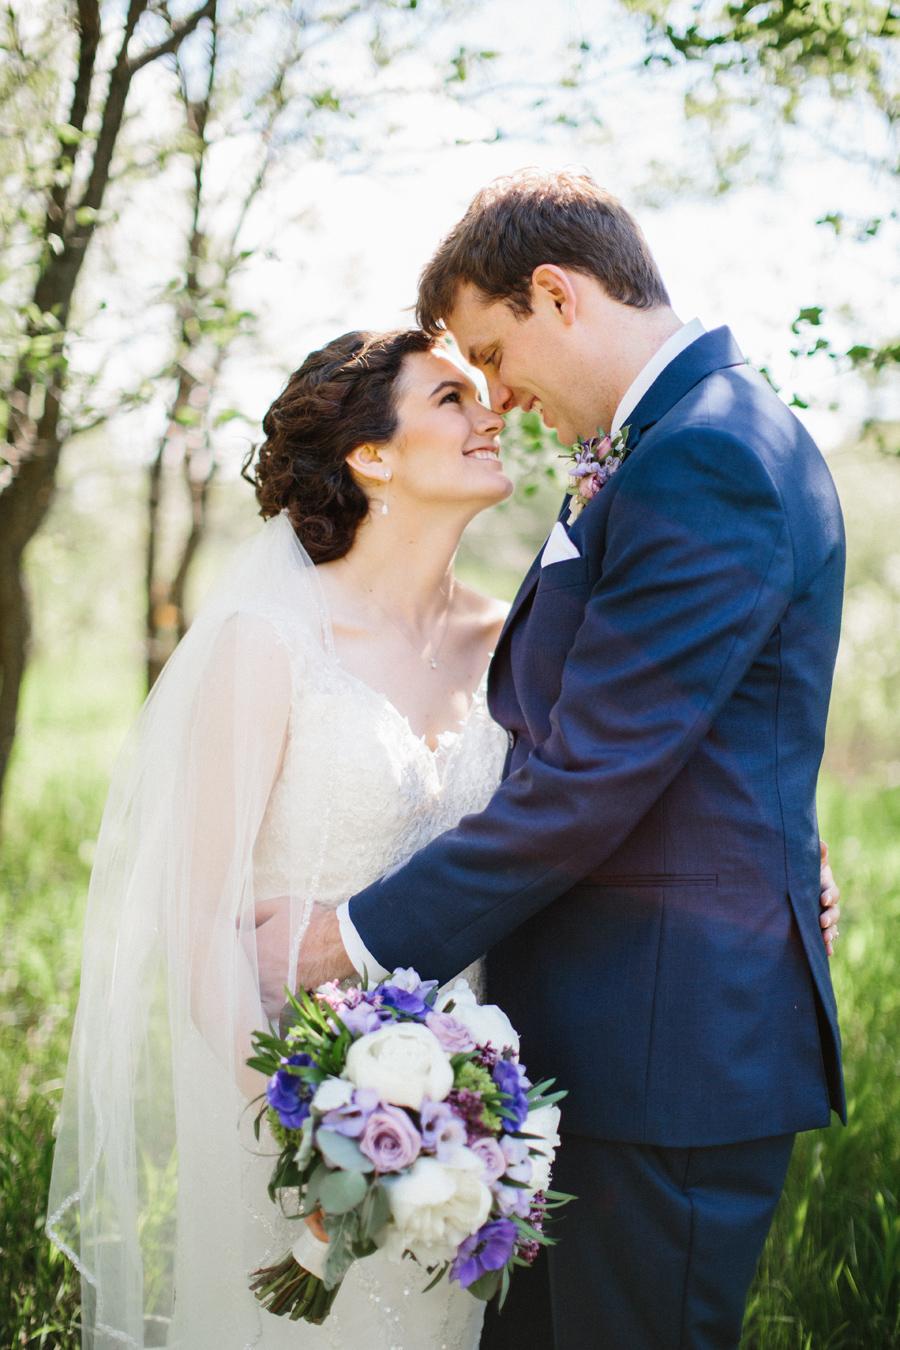 lambeaufieldwedding019.jpg